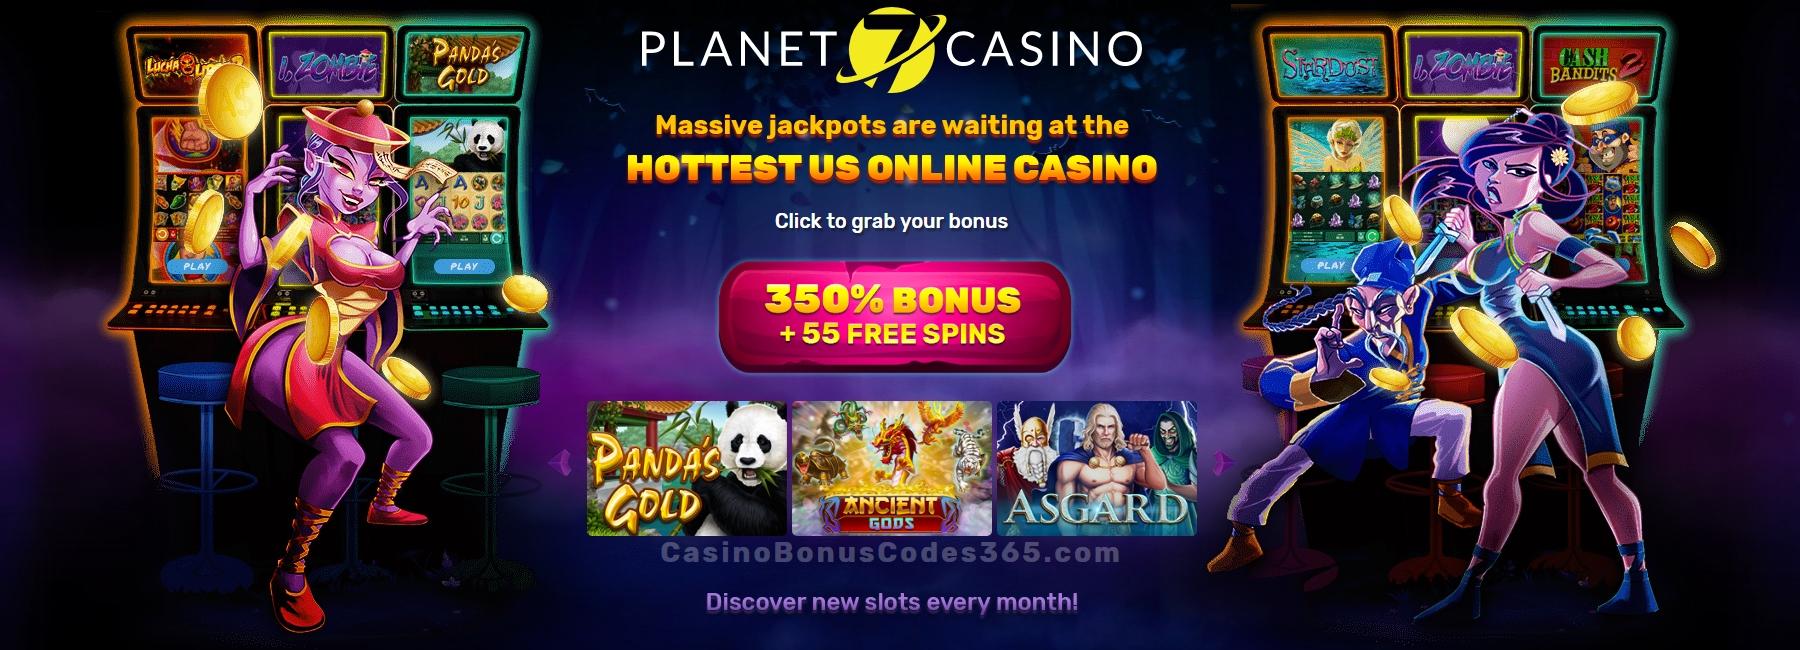 EURO 777 Tournoi quotidien de machines à sous freeroll à Treasure Island Jackpots (Sloto Cash Mirror)